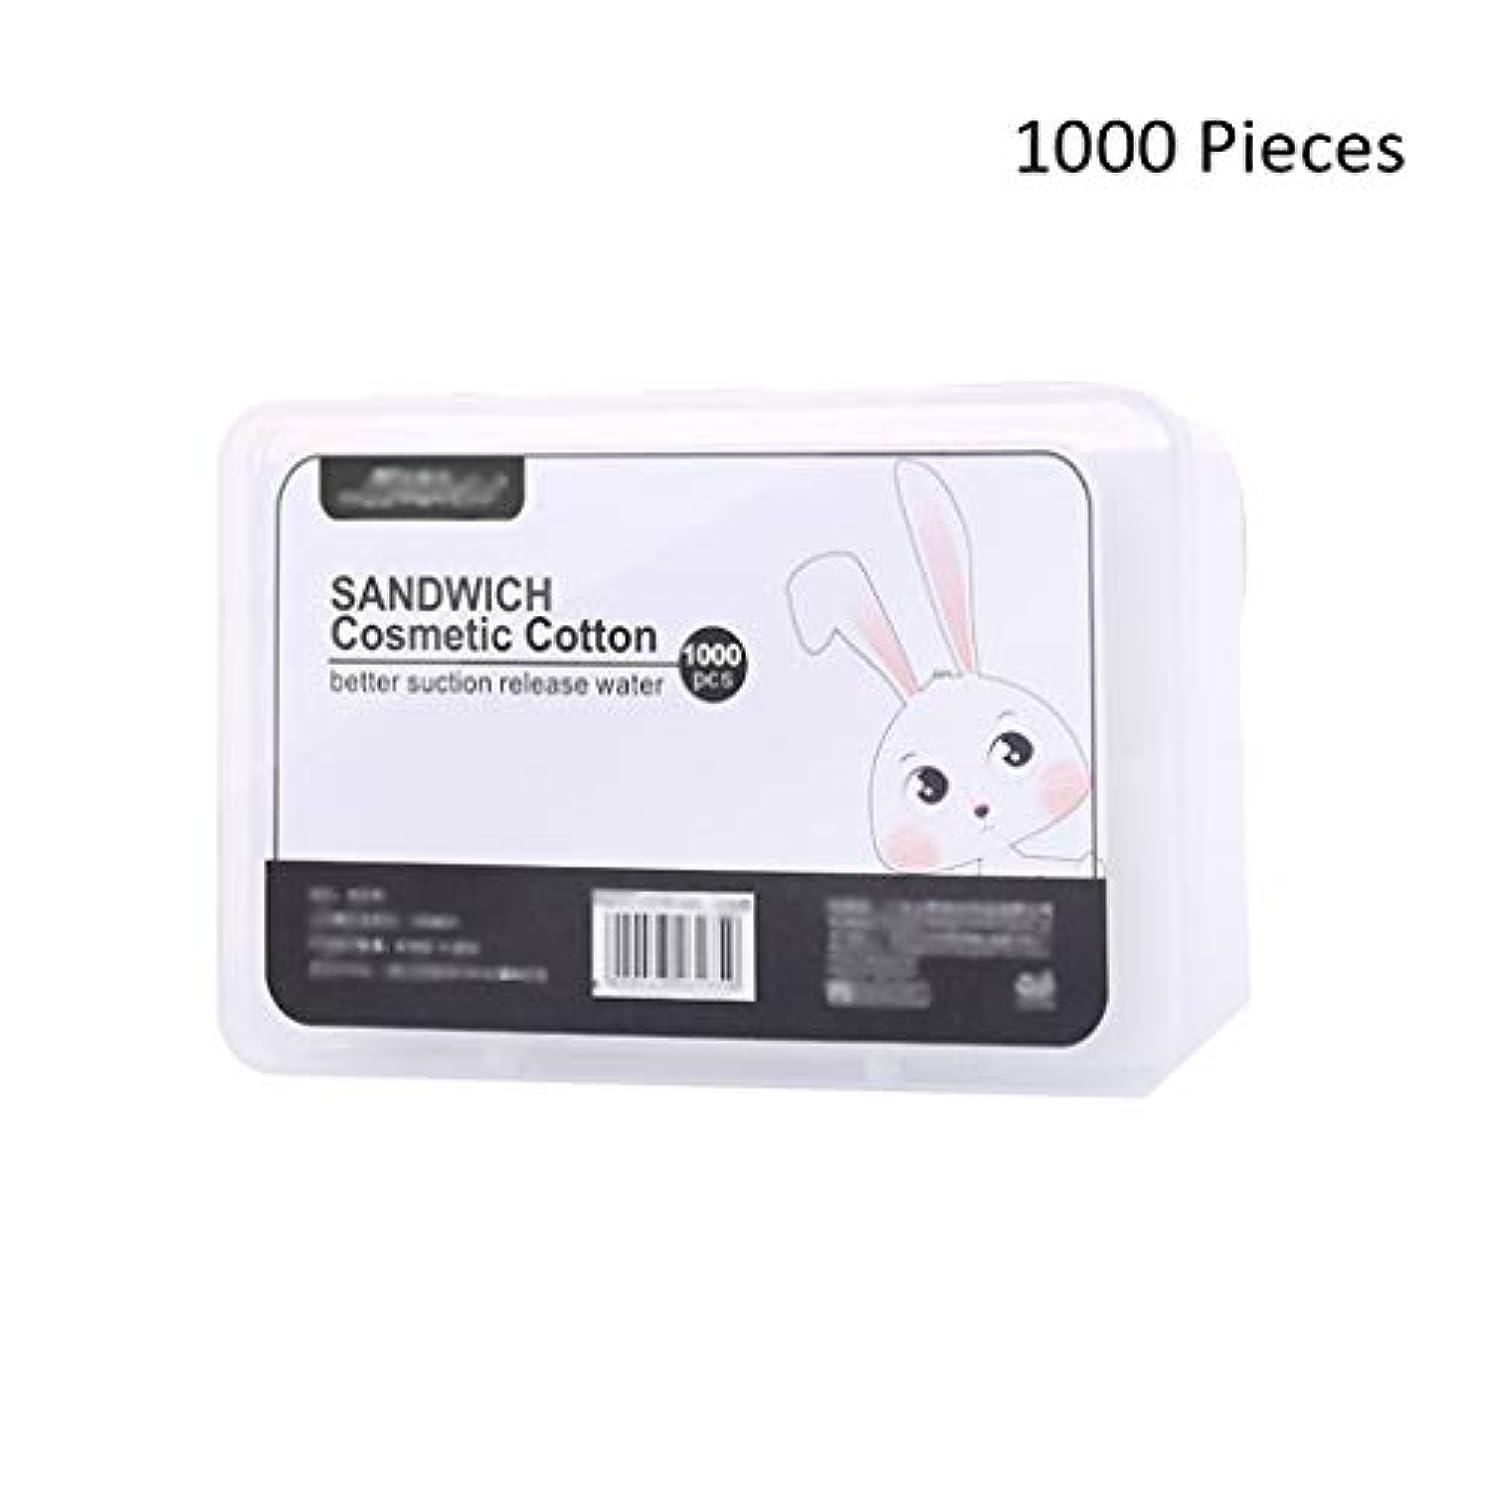 自動化微視的発表する1000ピースフェイスメイクアップリムーバーフェイスソフト女性クレンジングリムーバーコットンフェイシャルスキンケア化粧品洗濯フェイシャルツール (Color : White, サイズ : 5.5*5cm)